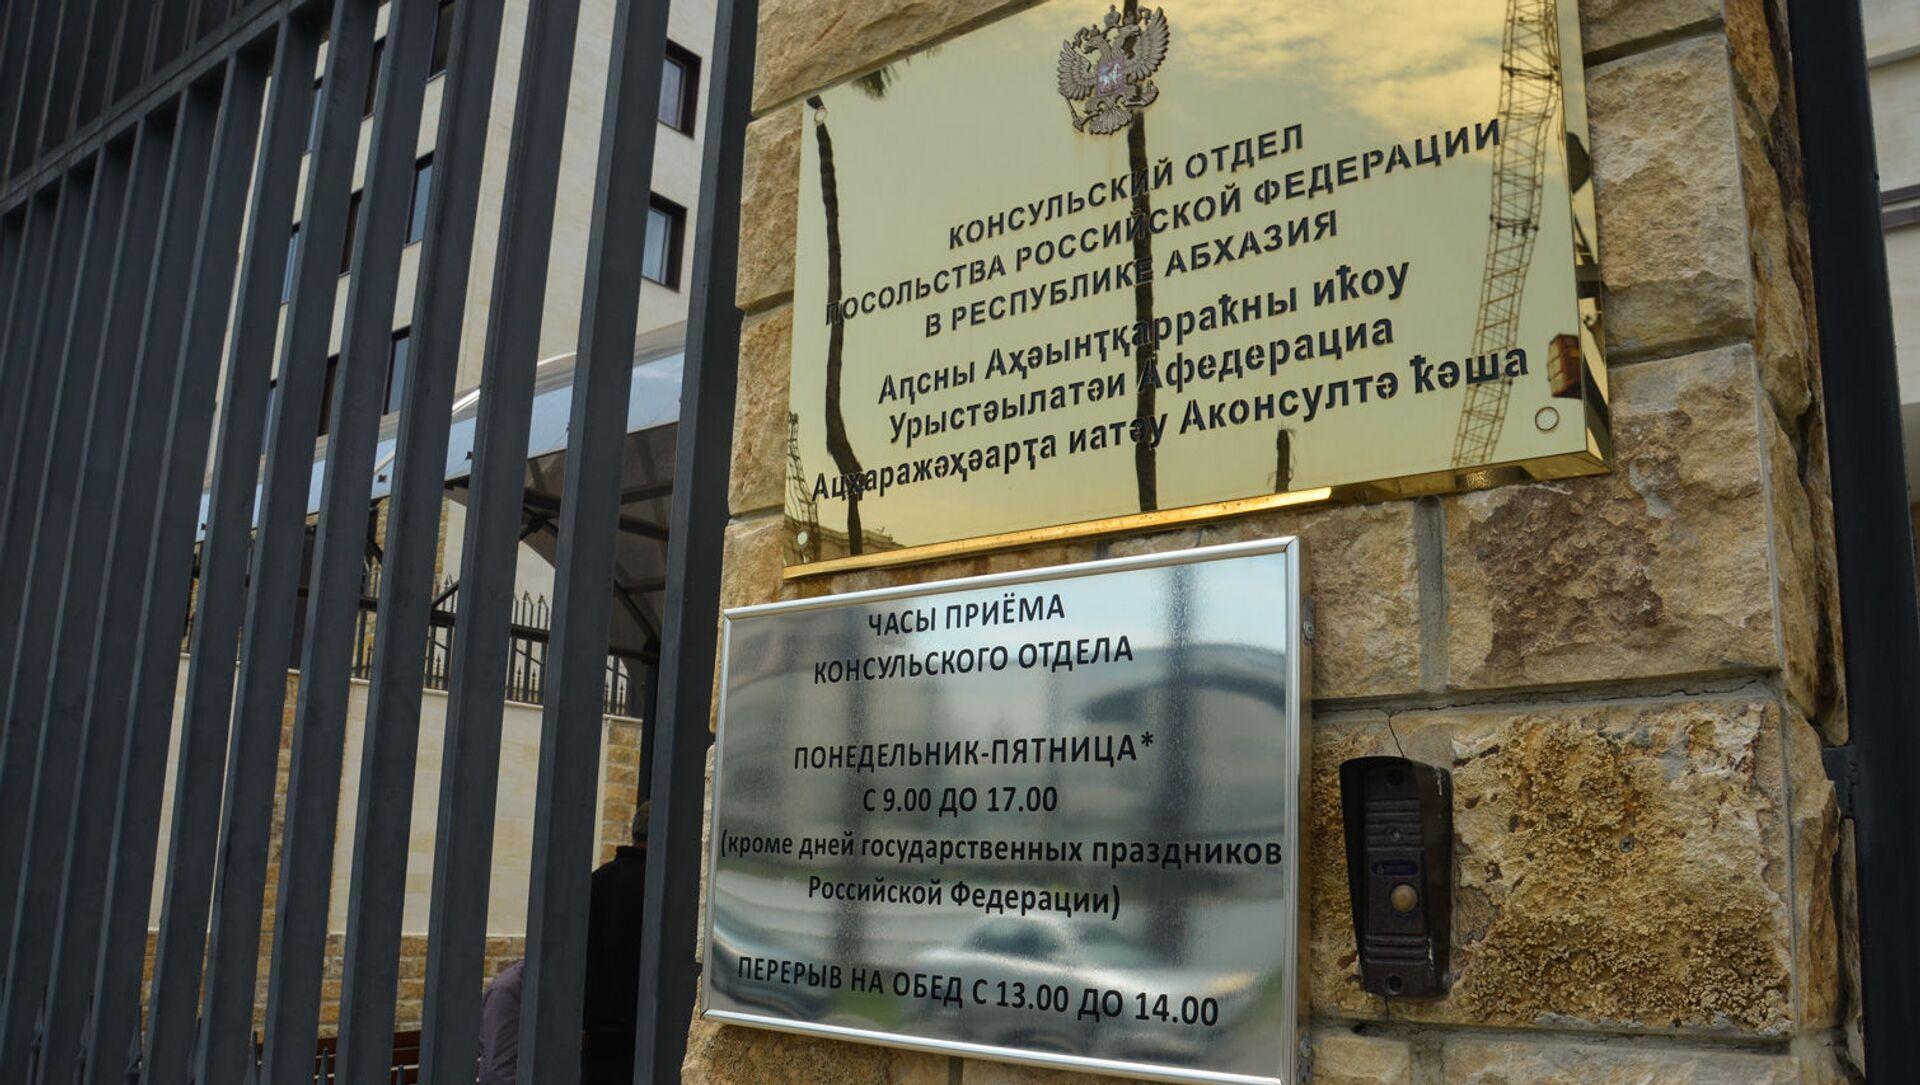 Консульский отдел при Посольстве России в Абхазии - Sputnik Аҧсны, 1920, 18.02.2021